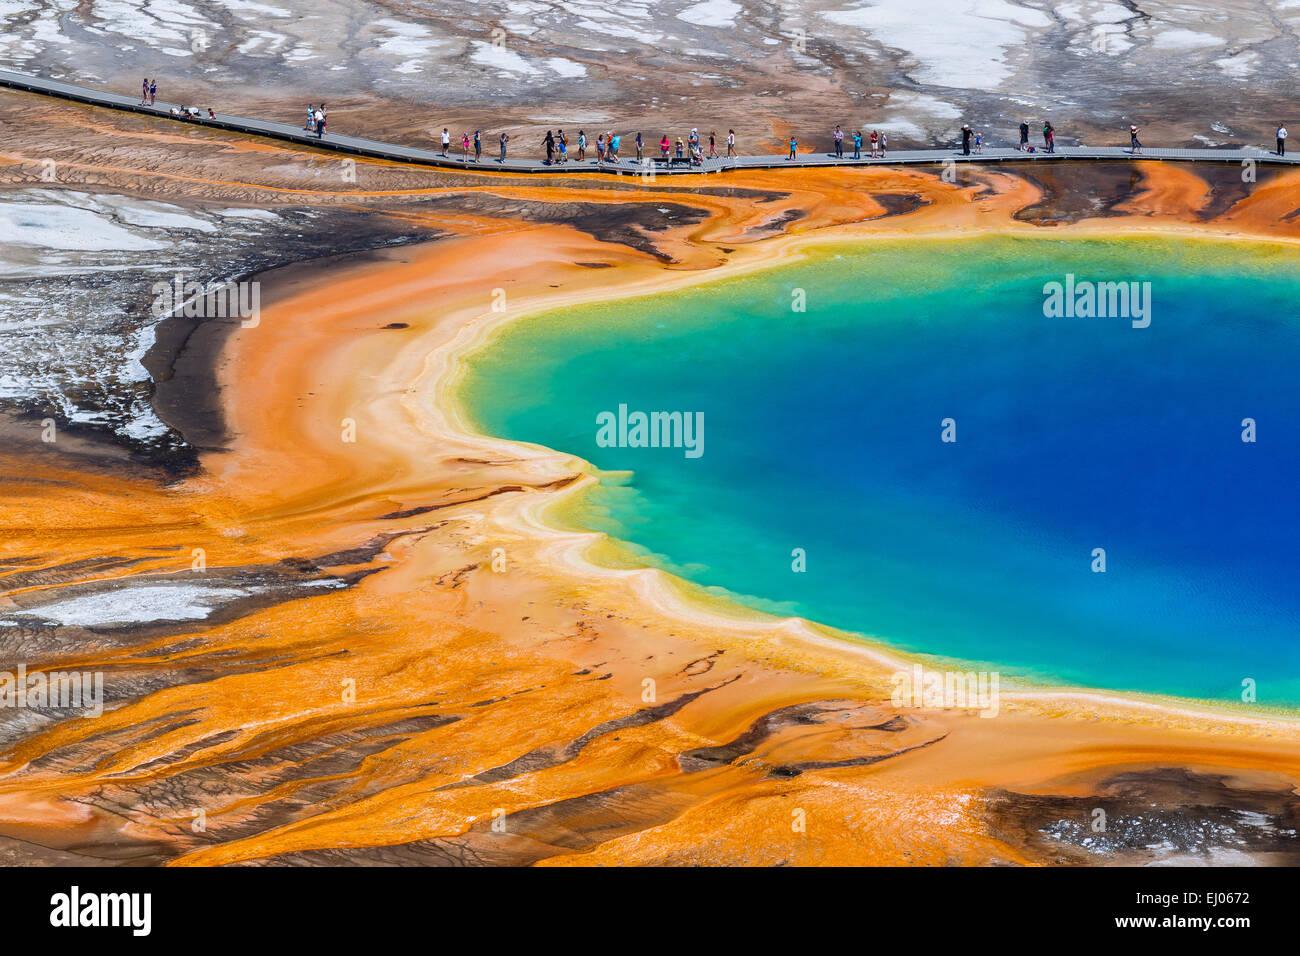 Grand Prismatic Spring, en la Cuenca del Géiser de Midway. El Parque Nacional Yellowstone, Wyoming, Estados Unidos de América. Foto de stock